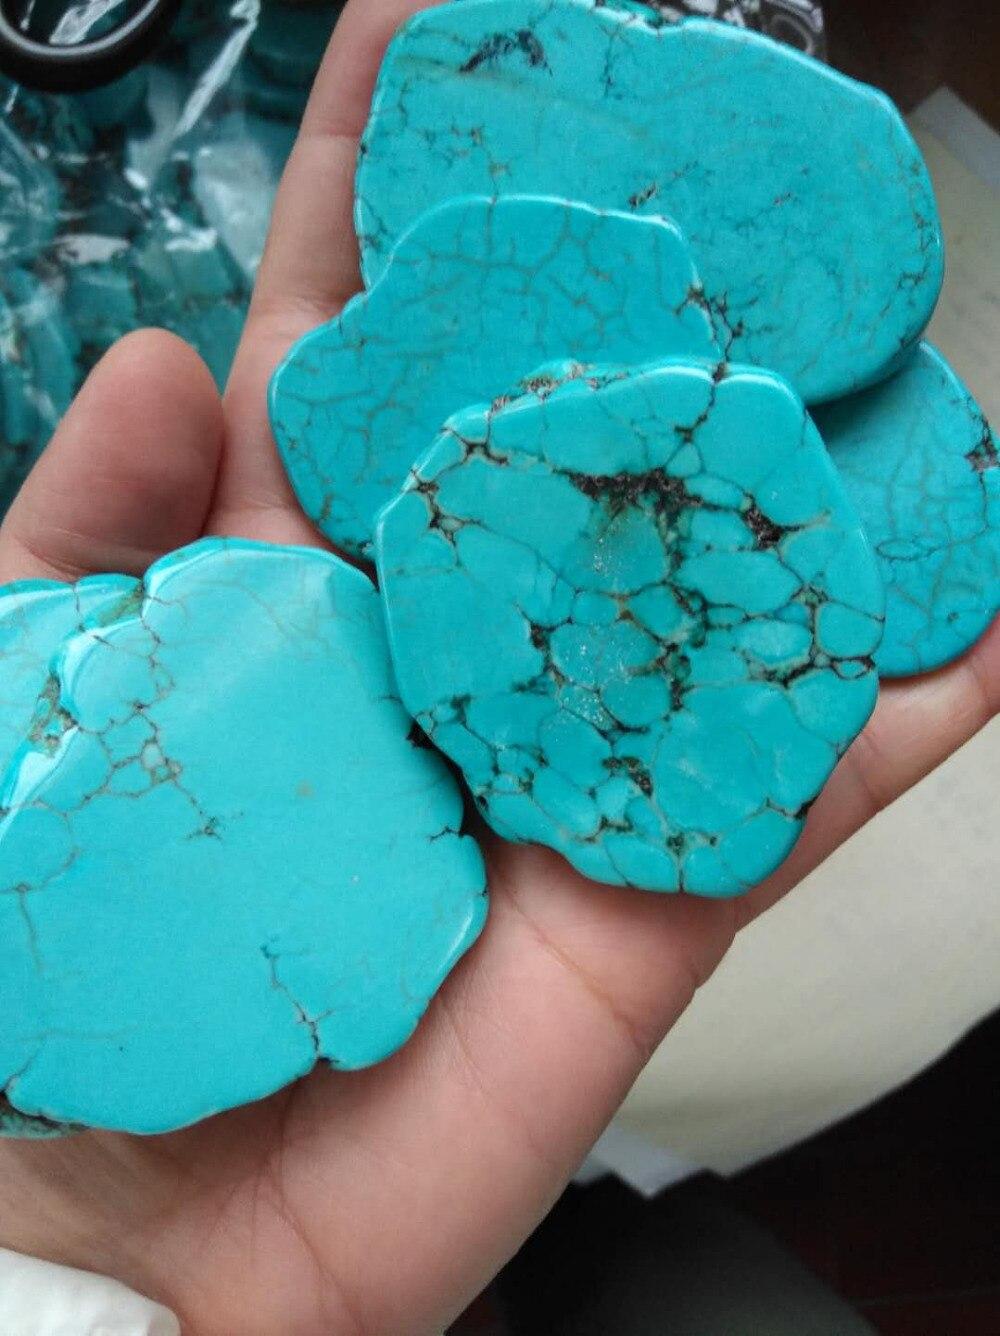 50 pcs naturel 40-60mm dalle Pop Grip téléphone prise grande ceinture boucle Turquoise pierre pépites pierre de forme libre